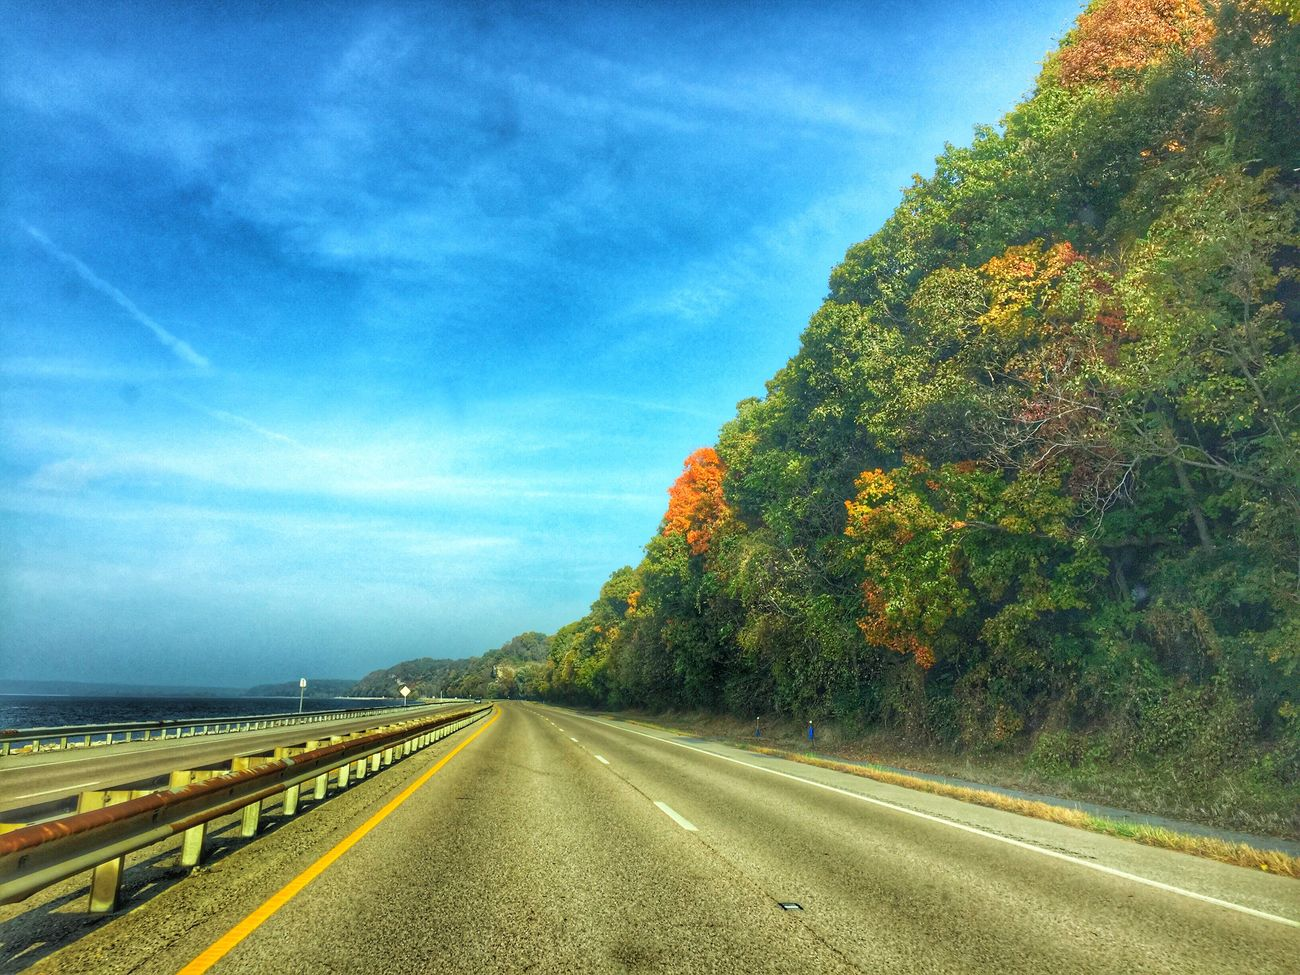 Happy Friday! Road Sky Beauty In Nature Illinois